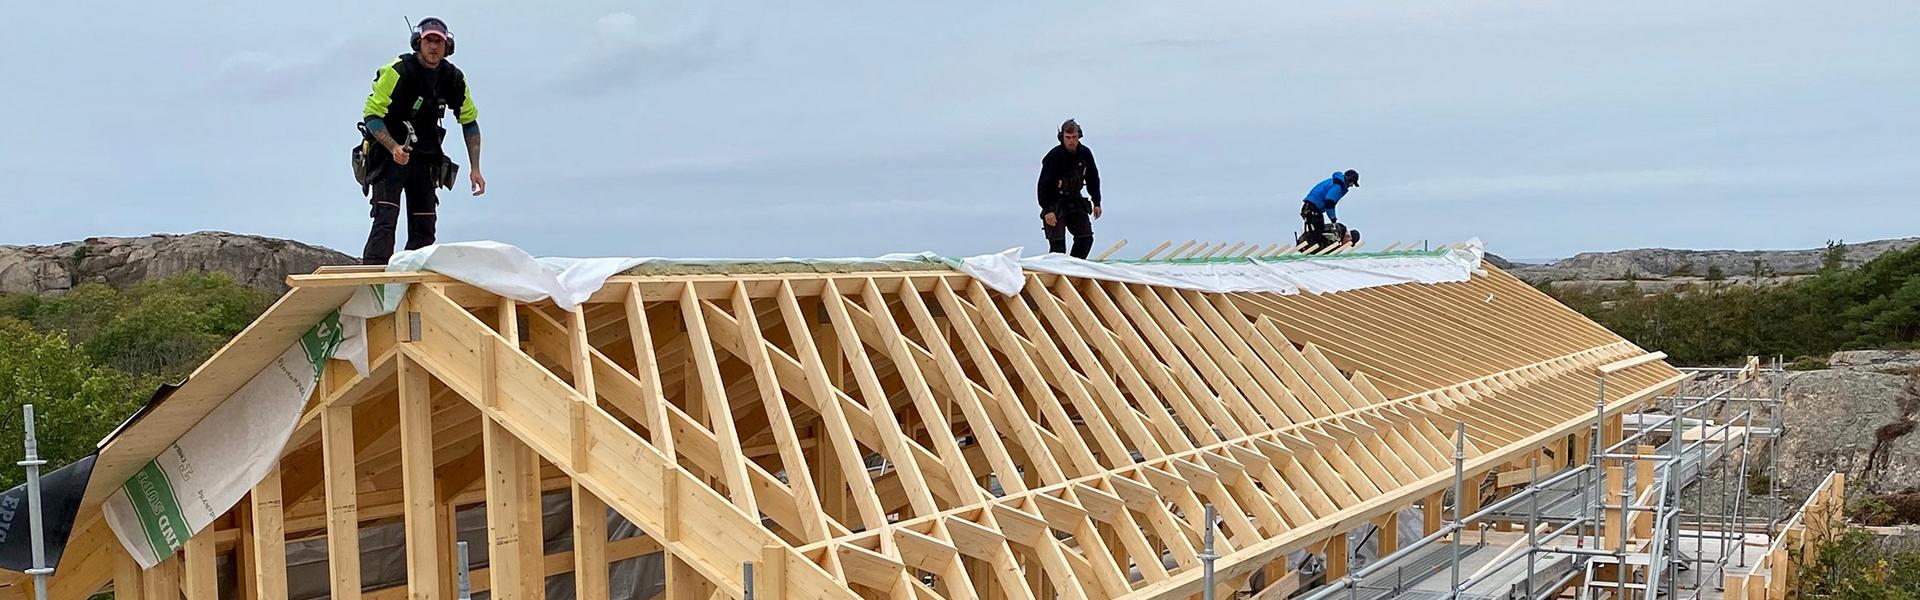 Snickare på taket